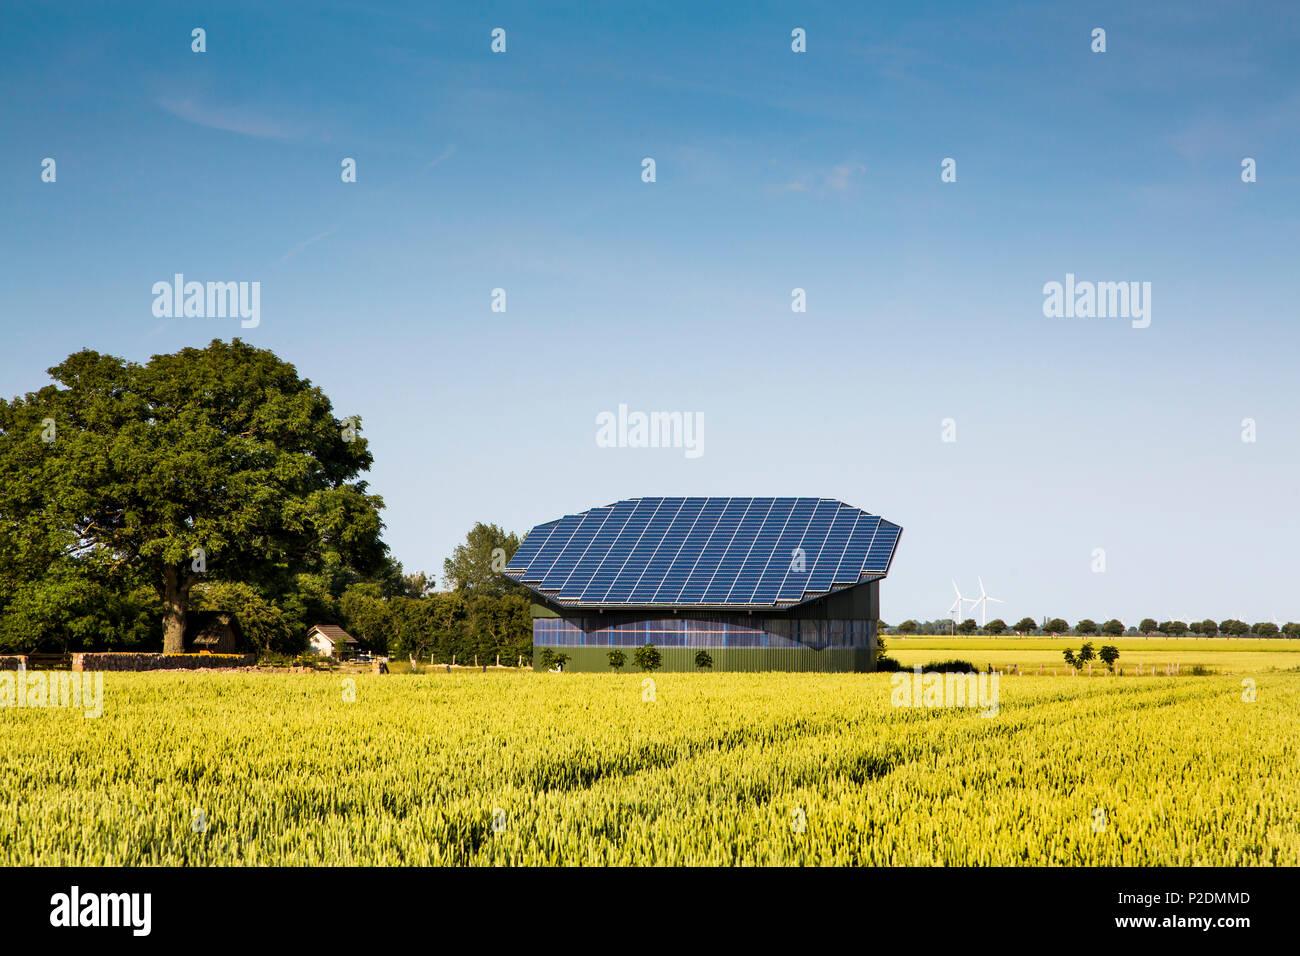 Des panneaux solaires sur un toit stable, côte de la mer Baltique, Schleswig-Holstein, Allemagne Photo Stock